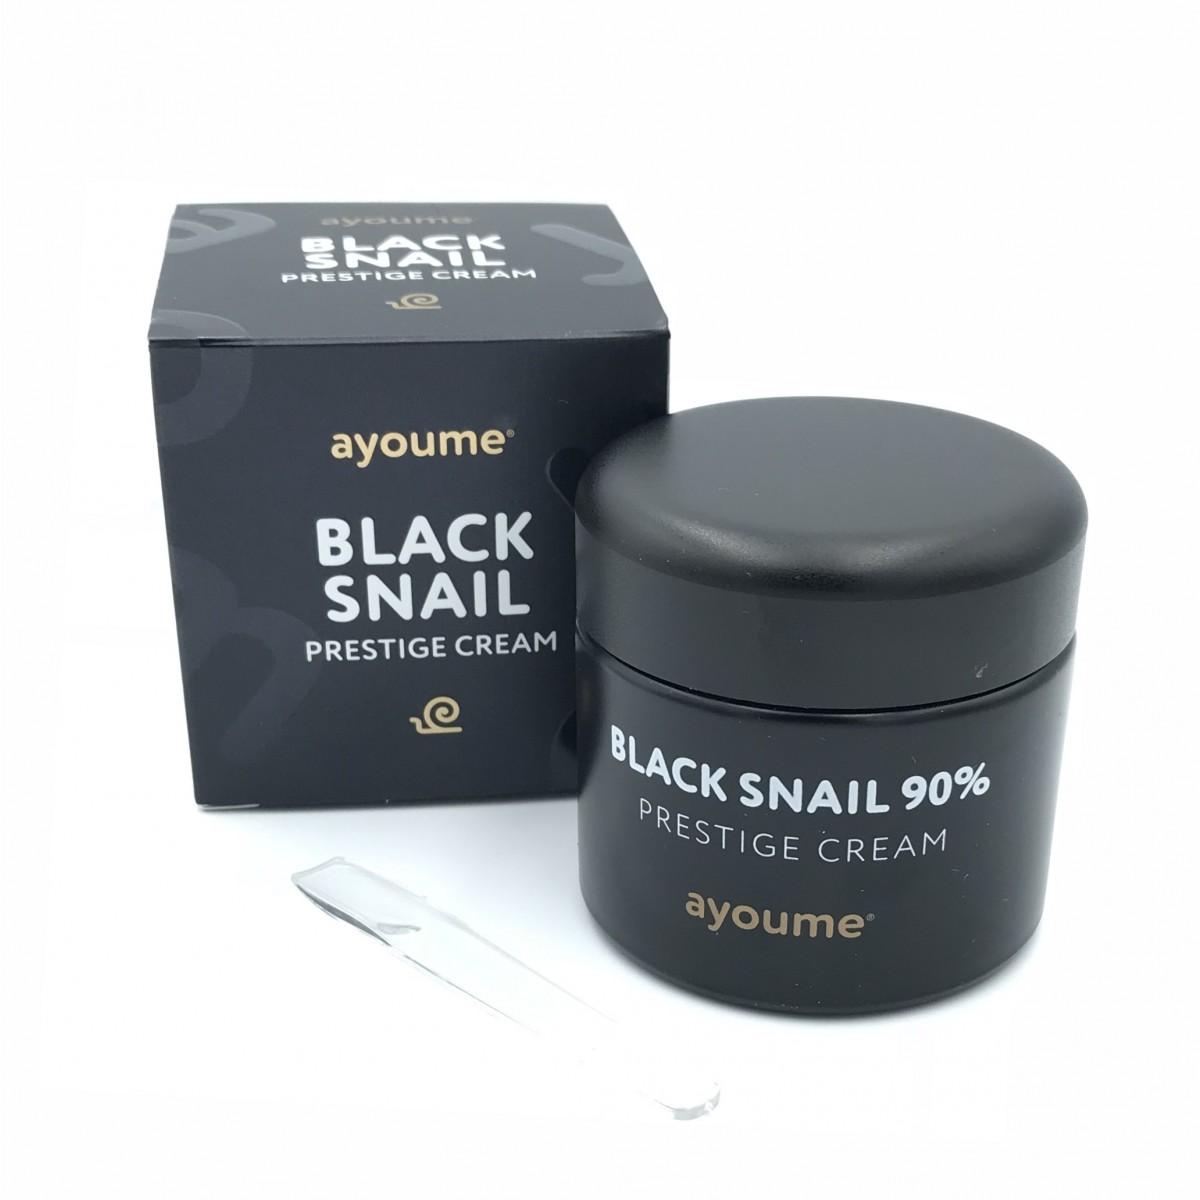 Многофункциональный крем со слизью черной улитки (90%) AYOUME BLACK SNAIL PRESTIGE CREAM - 70 мл